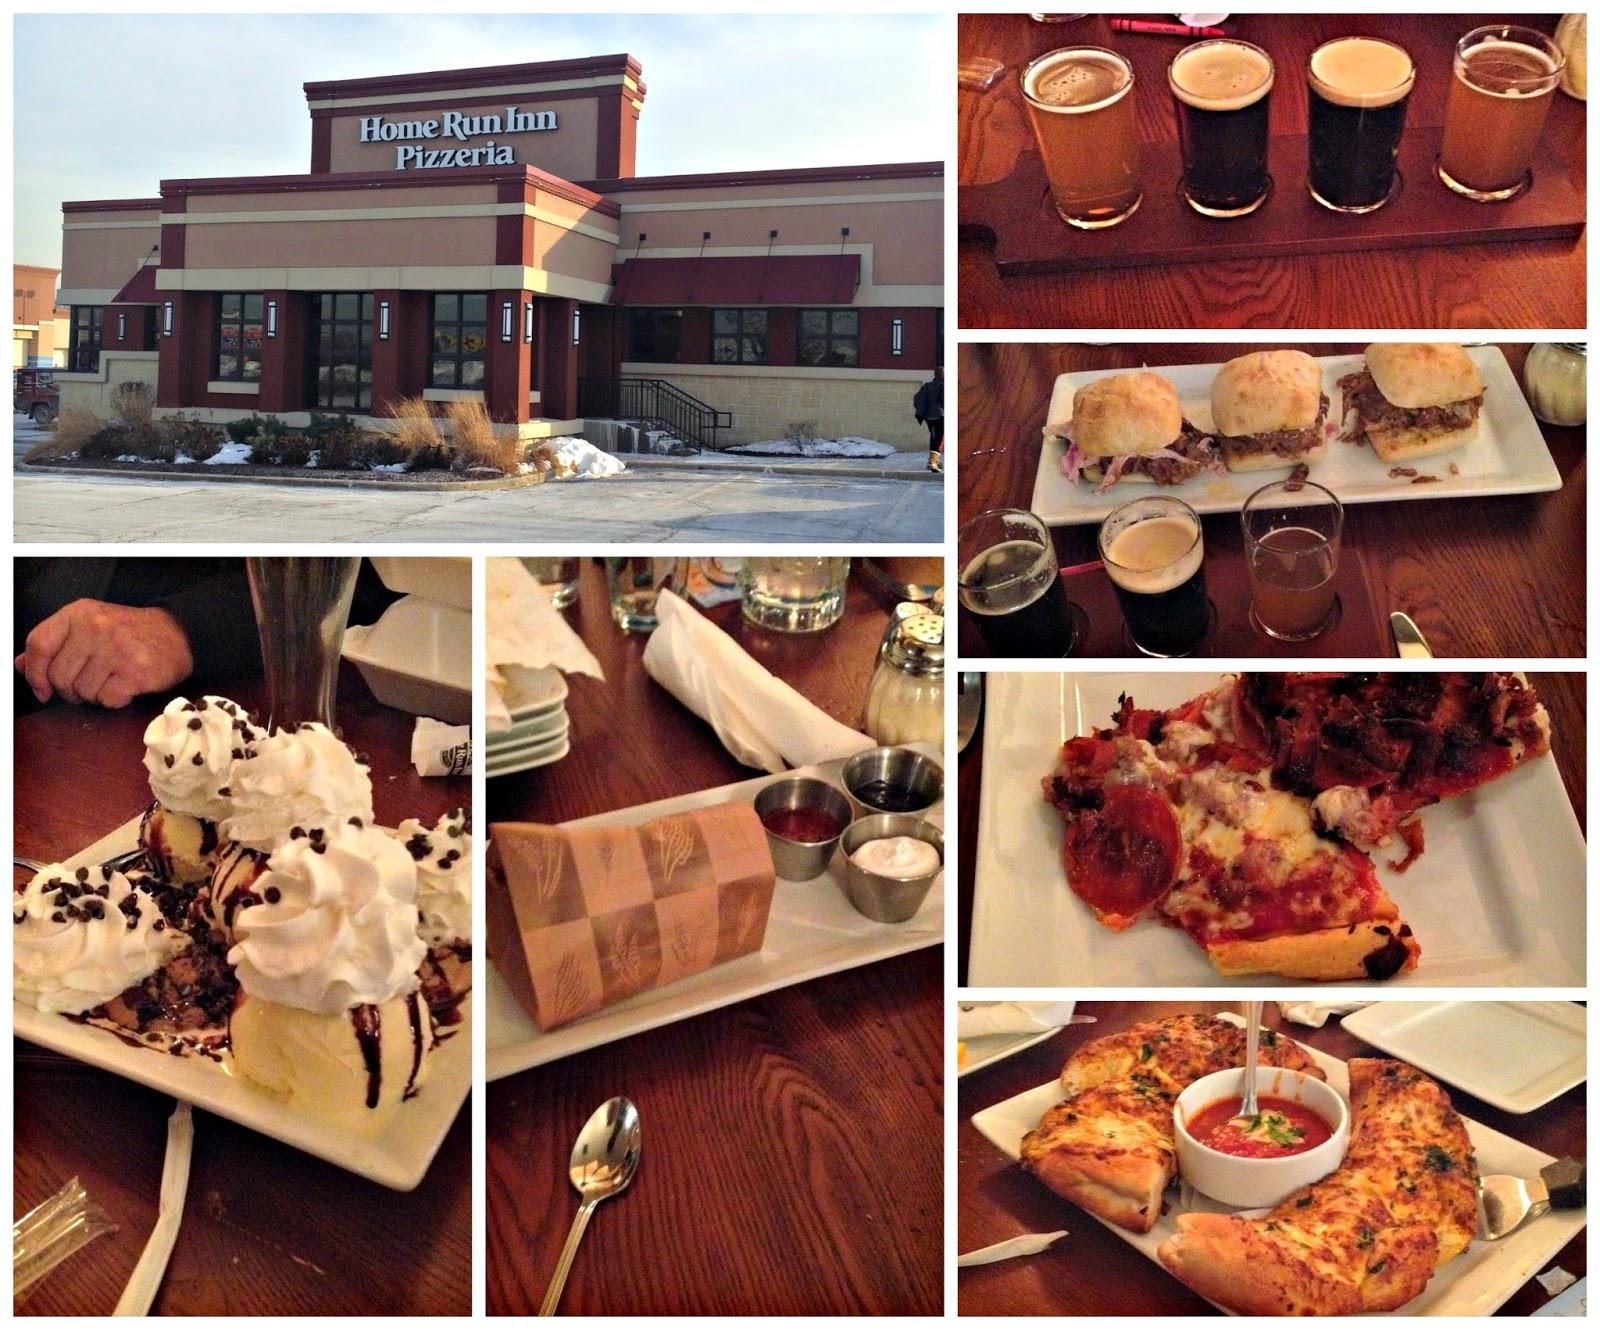 Home Run Inn Pizzeria, Darien